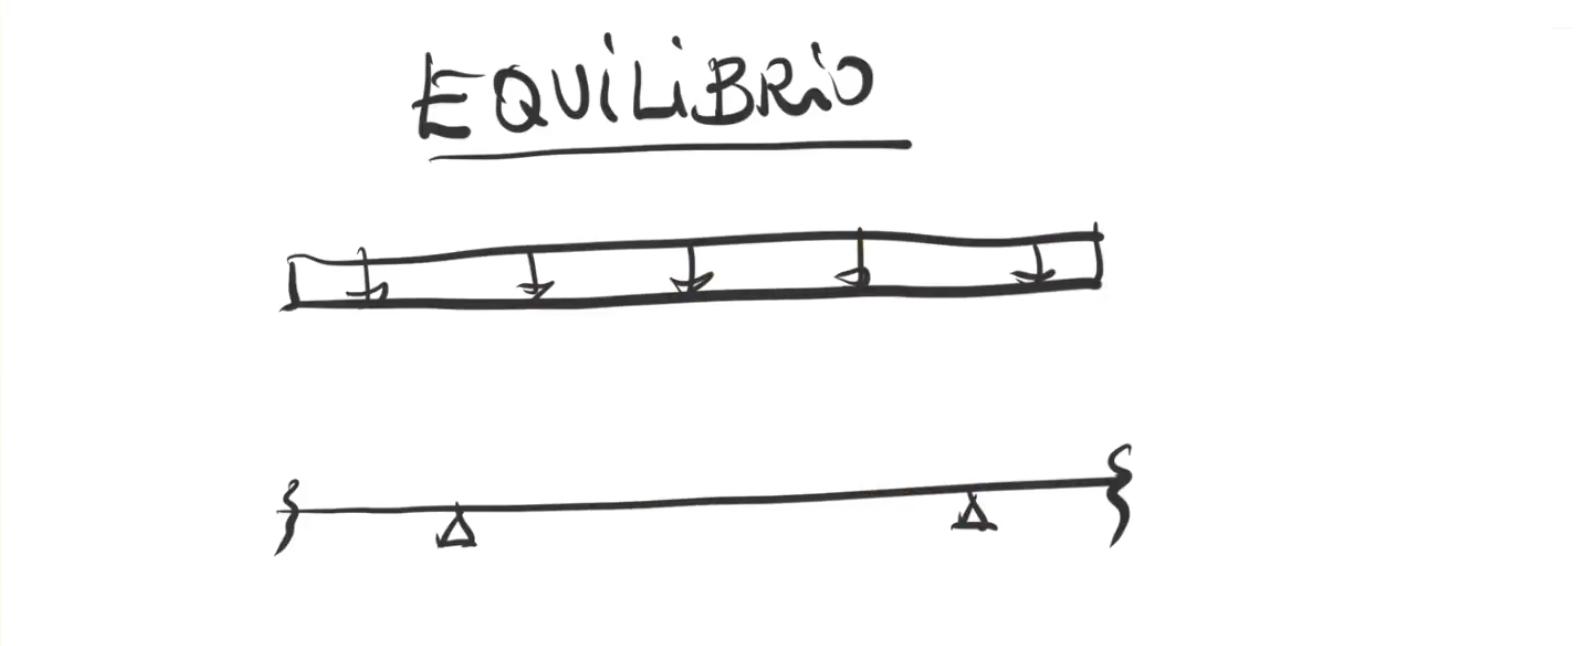 Imagen ¿Cómo saber si una viga se cae o no se cae?